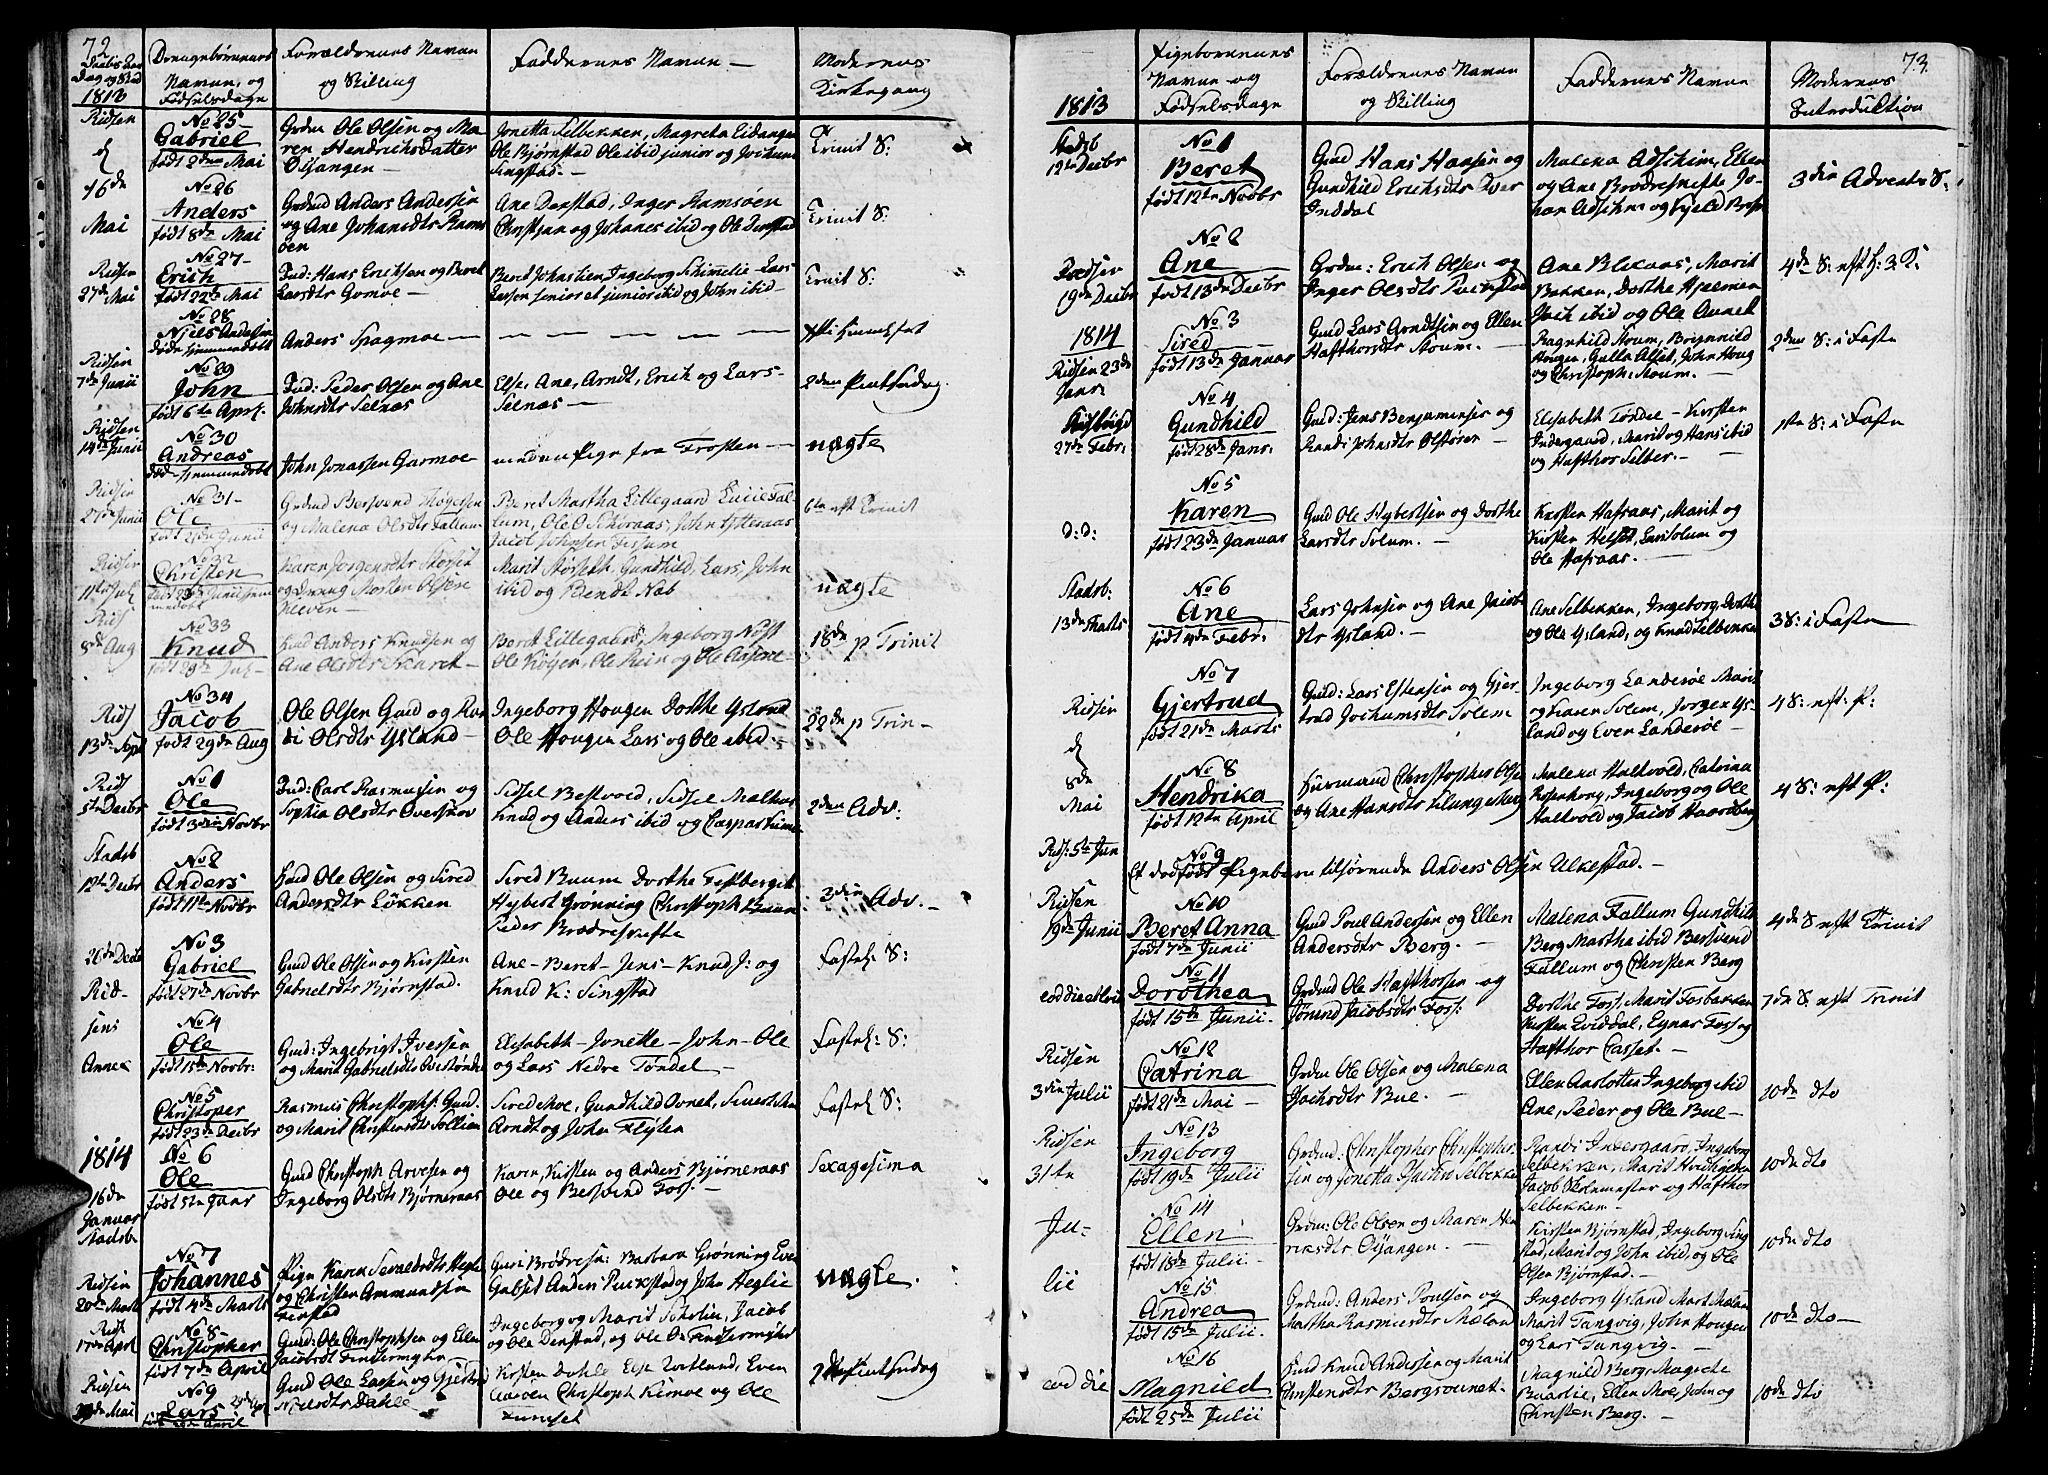 SAT, Ministerialprotokoller, klokkerbøker og fødselsregistre - Sør-Trøndelag, 646/L0607: Ministerialbok nr. 646A05, 1806-1815, s. 72-73